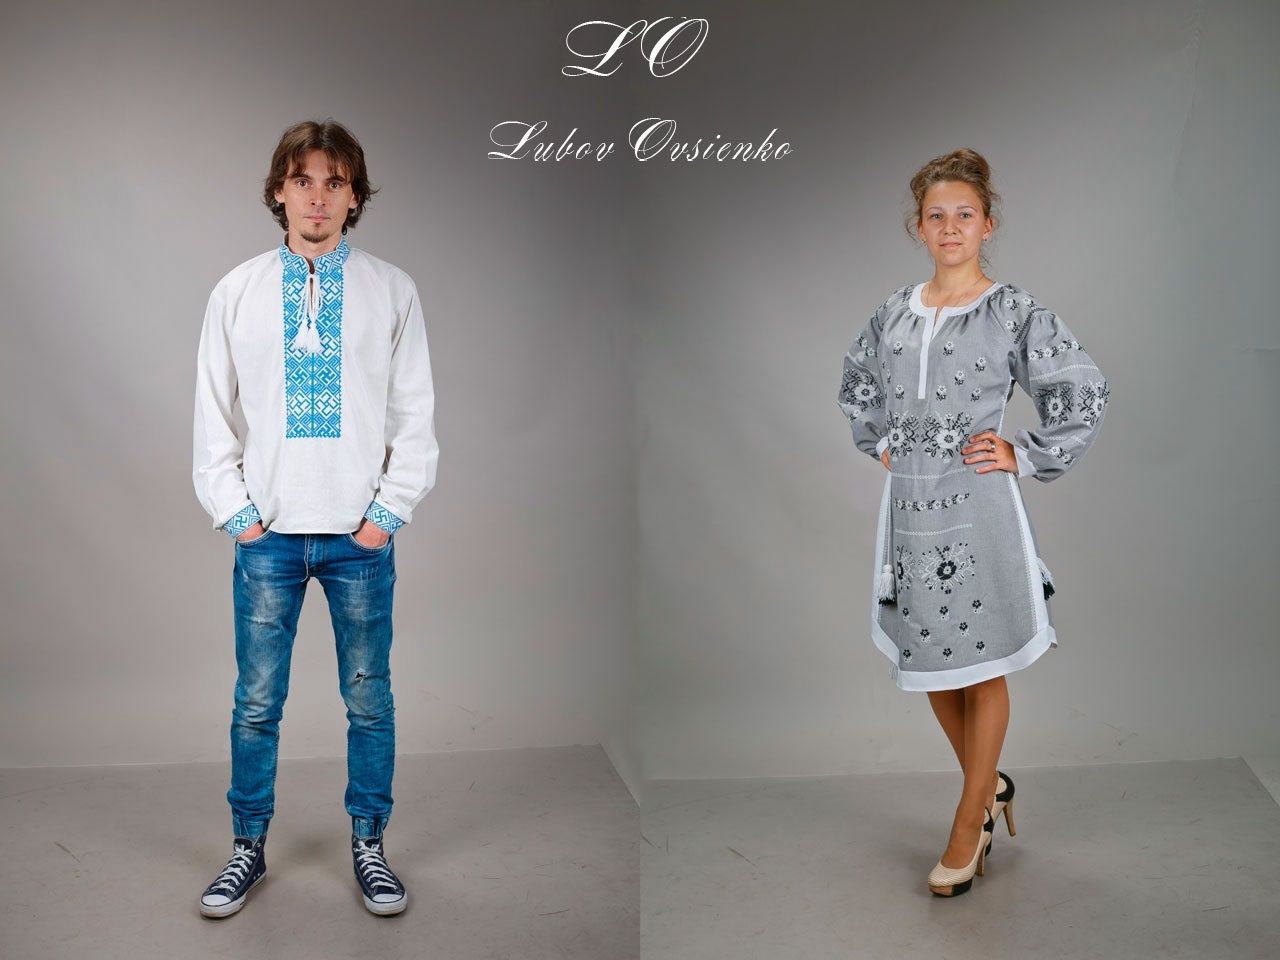 20693d978b412e Автор найпопулярнішого знімку отримає сертифікат на 500 гривень на  придбання дизайнерського одягу від Lubov Ovsienko. Можна обрати та замовити  вишиванки та ...